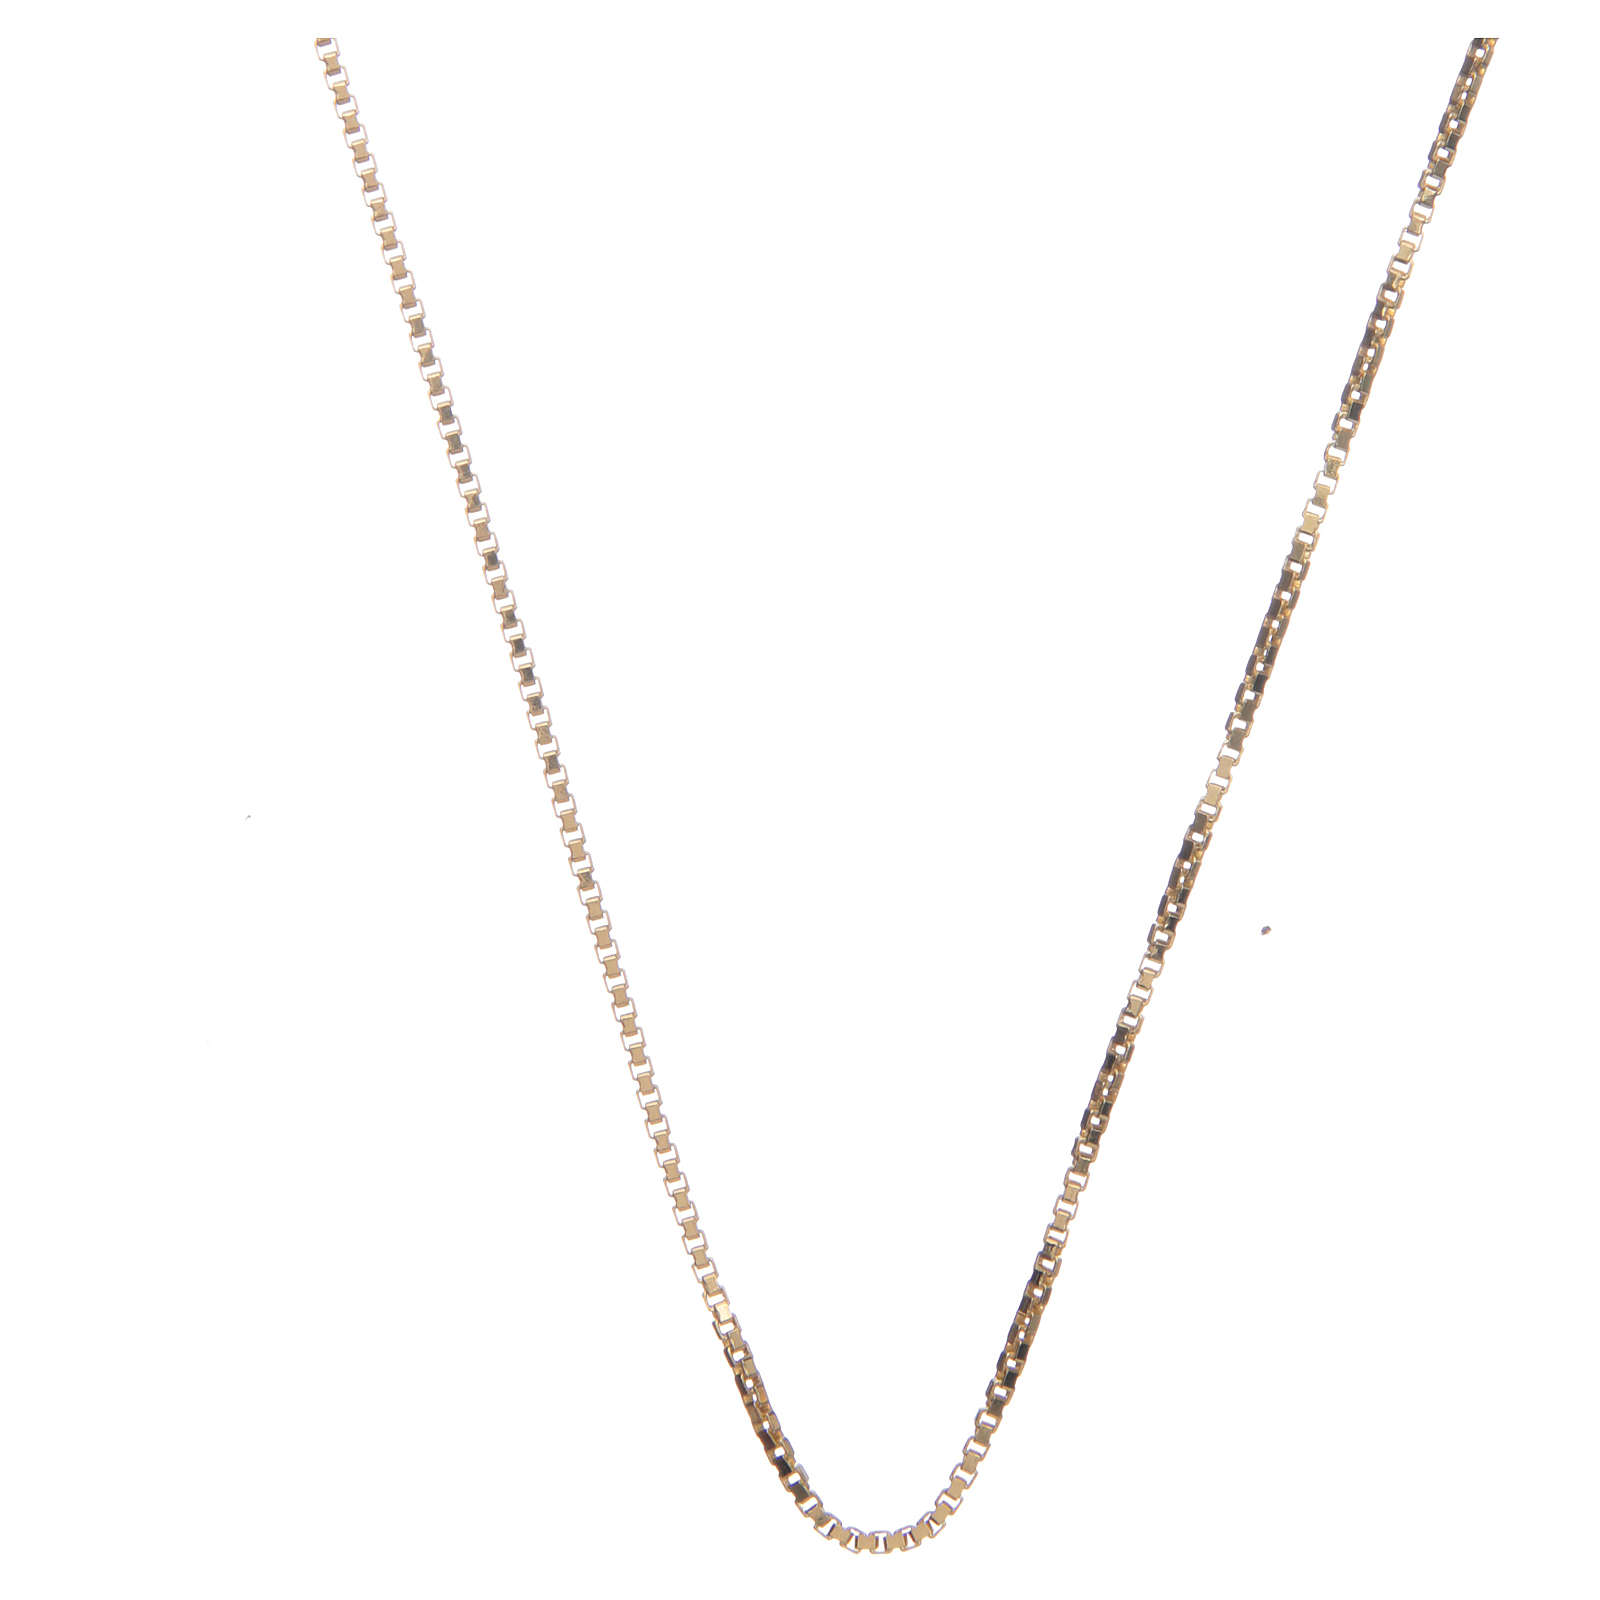 Catena veneta argento 925 dorato lunghezza 60 cm 4